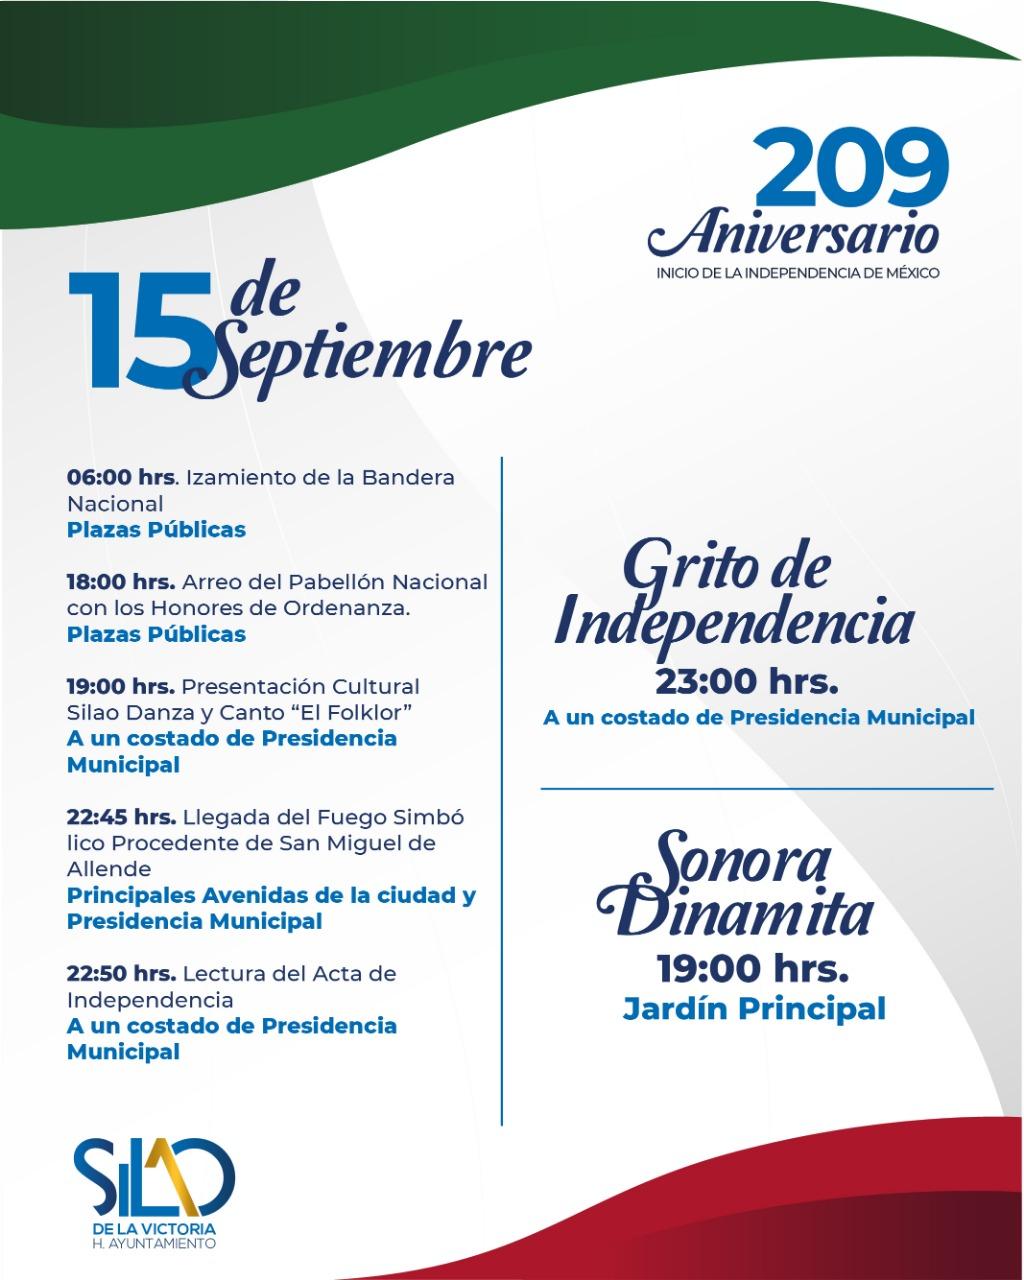 PresidenciaMunicipal invita a disfrutar fiestas patrias con la presentación de la Sonora Dinamita y los Cadetes de Linares